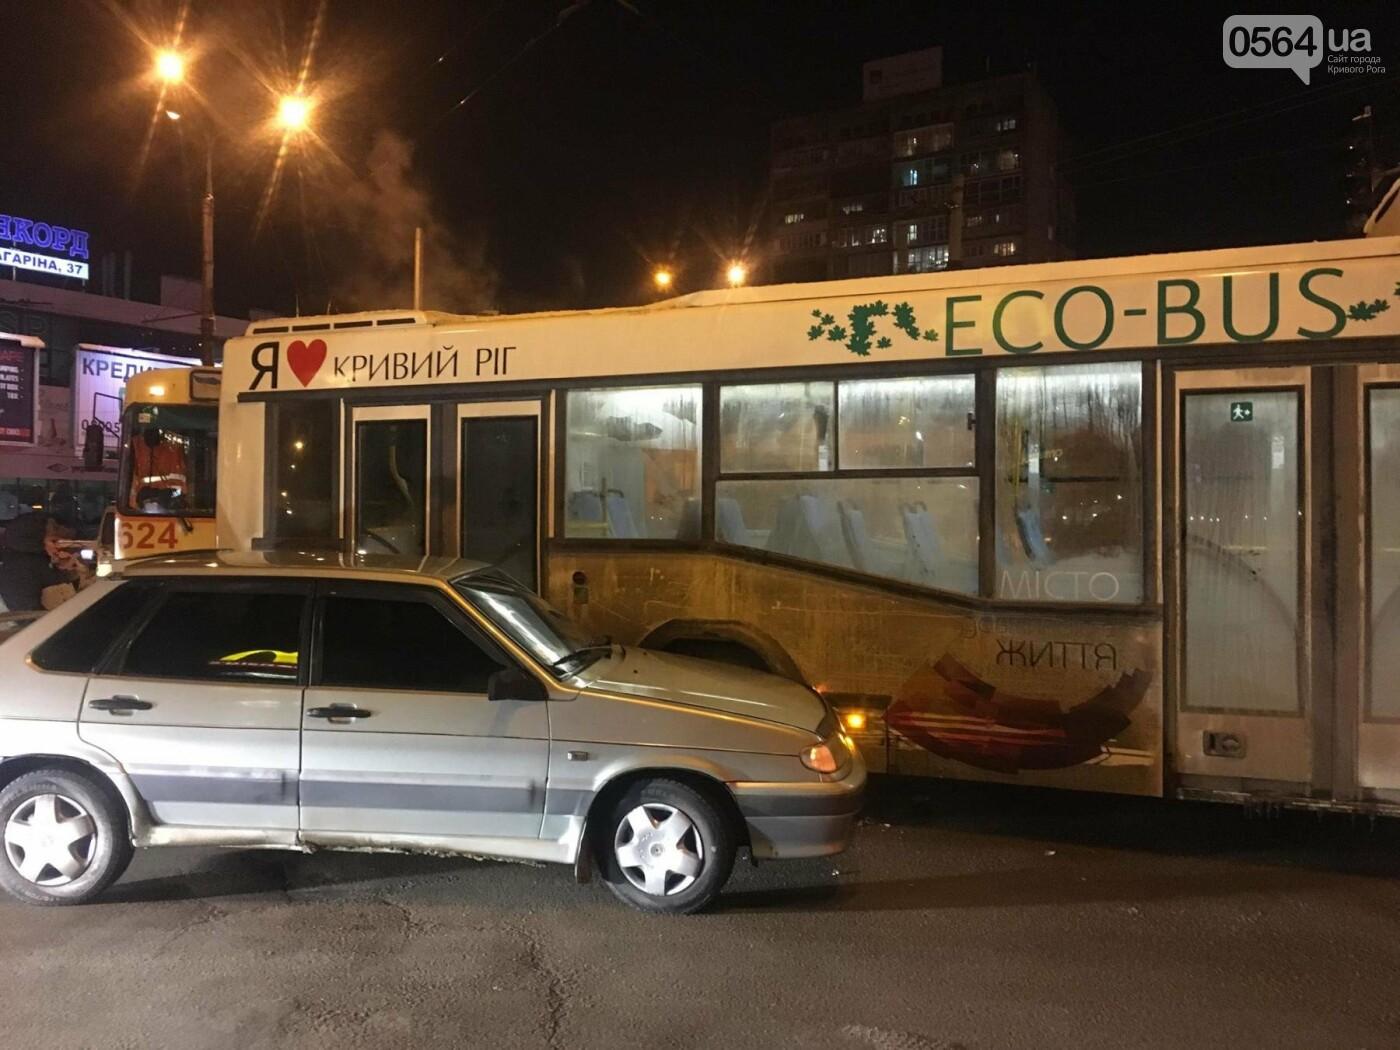 Не везет, так не везет: Один из новых криворожских автобусов попал в ДТП (ФОТО), фото-7